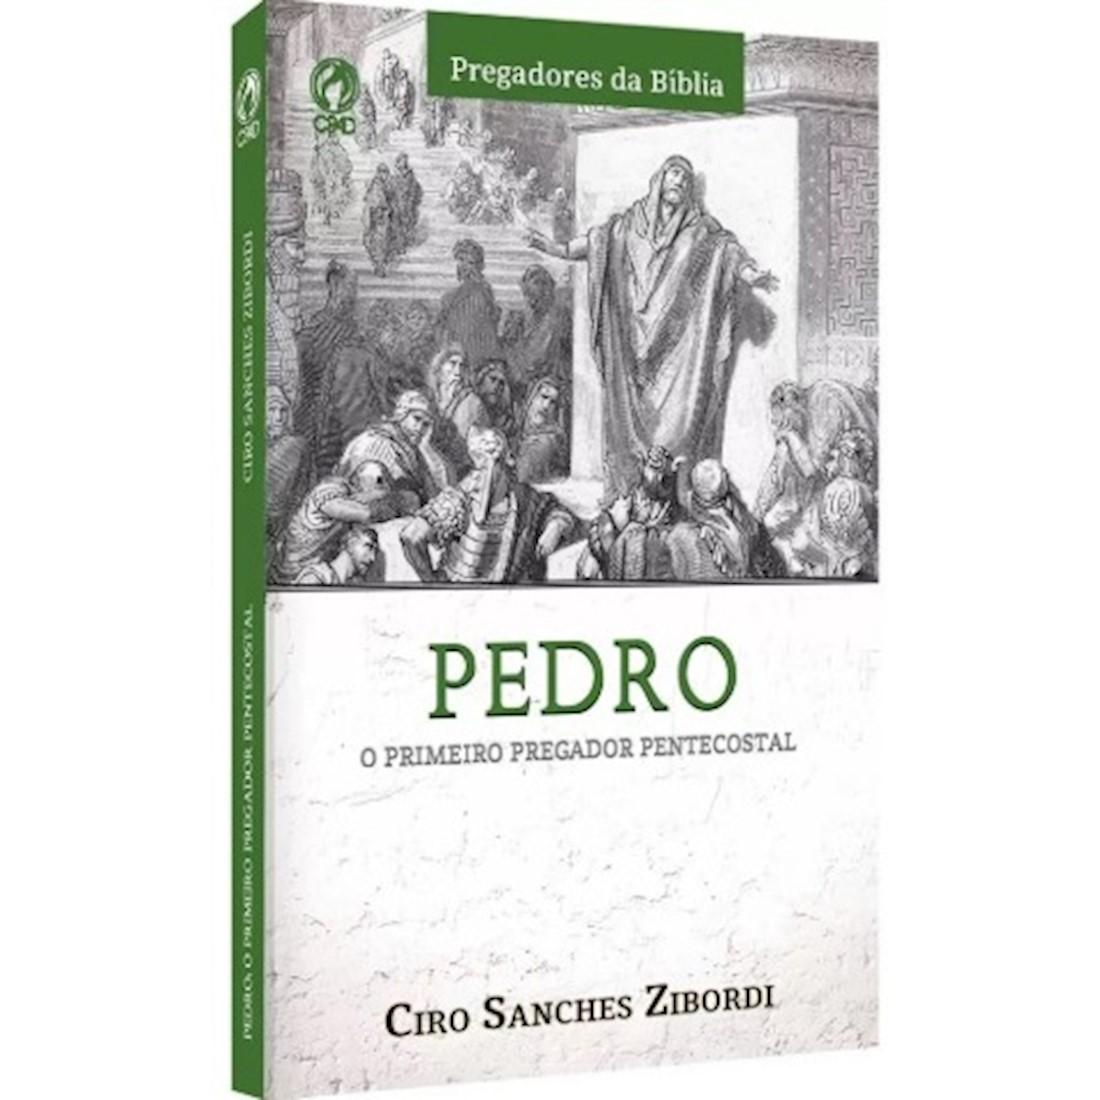 Livro Pedro: O Primeiro Pregador Pentecostal